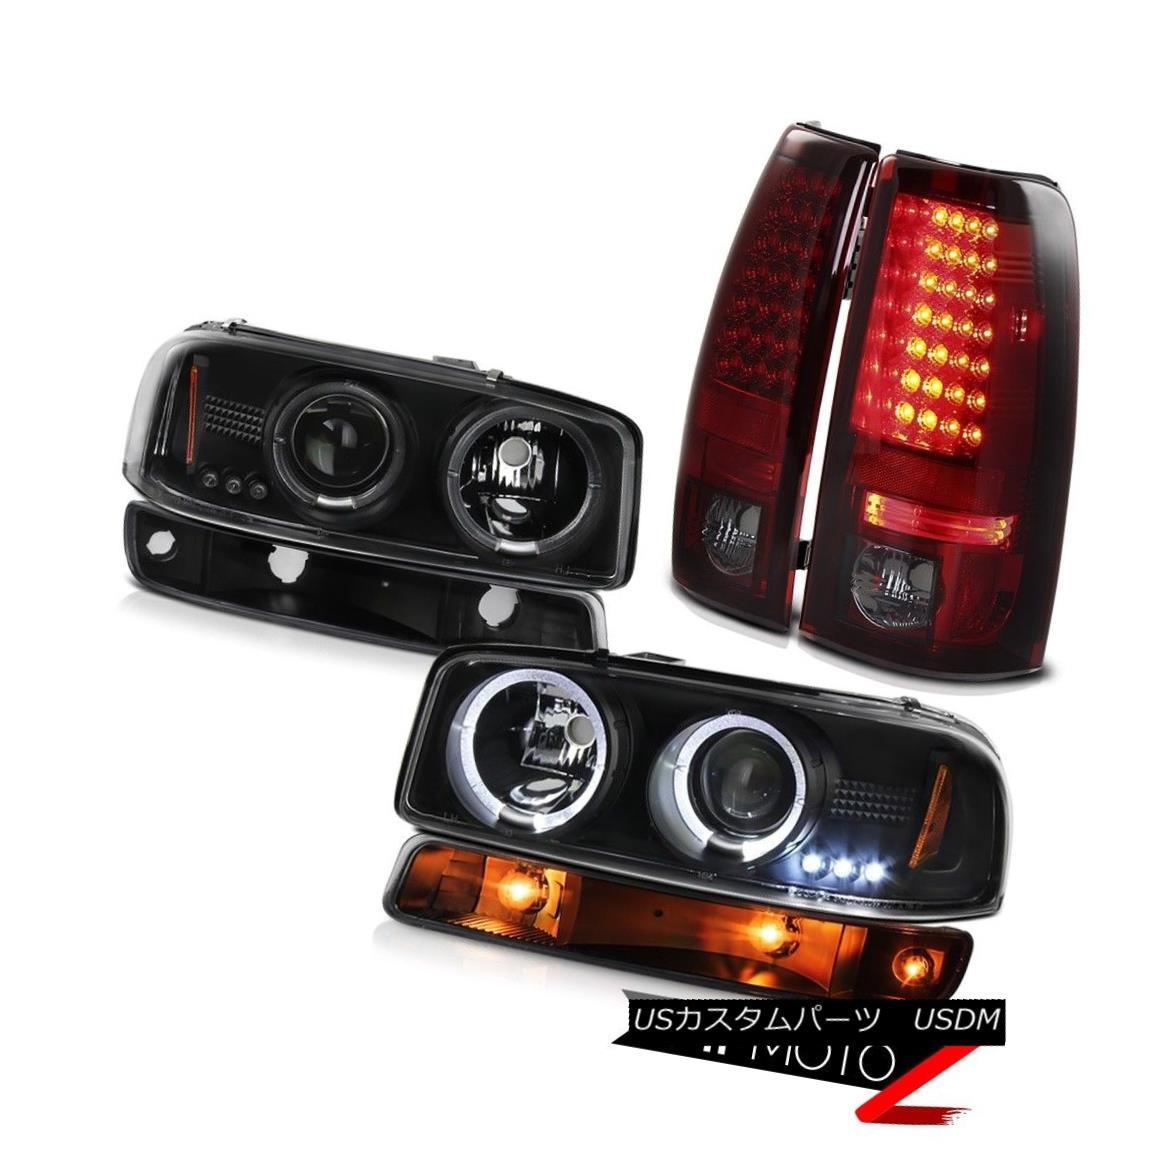 テールライト 99-06 Sierra SLT Red smoke parking brake lights nighthawk black lamp Headlights 99-06 Sierra SLT赤い煙の駐車ブレーキライトナイトホークの黒いランプヘッドライト